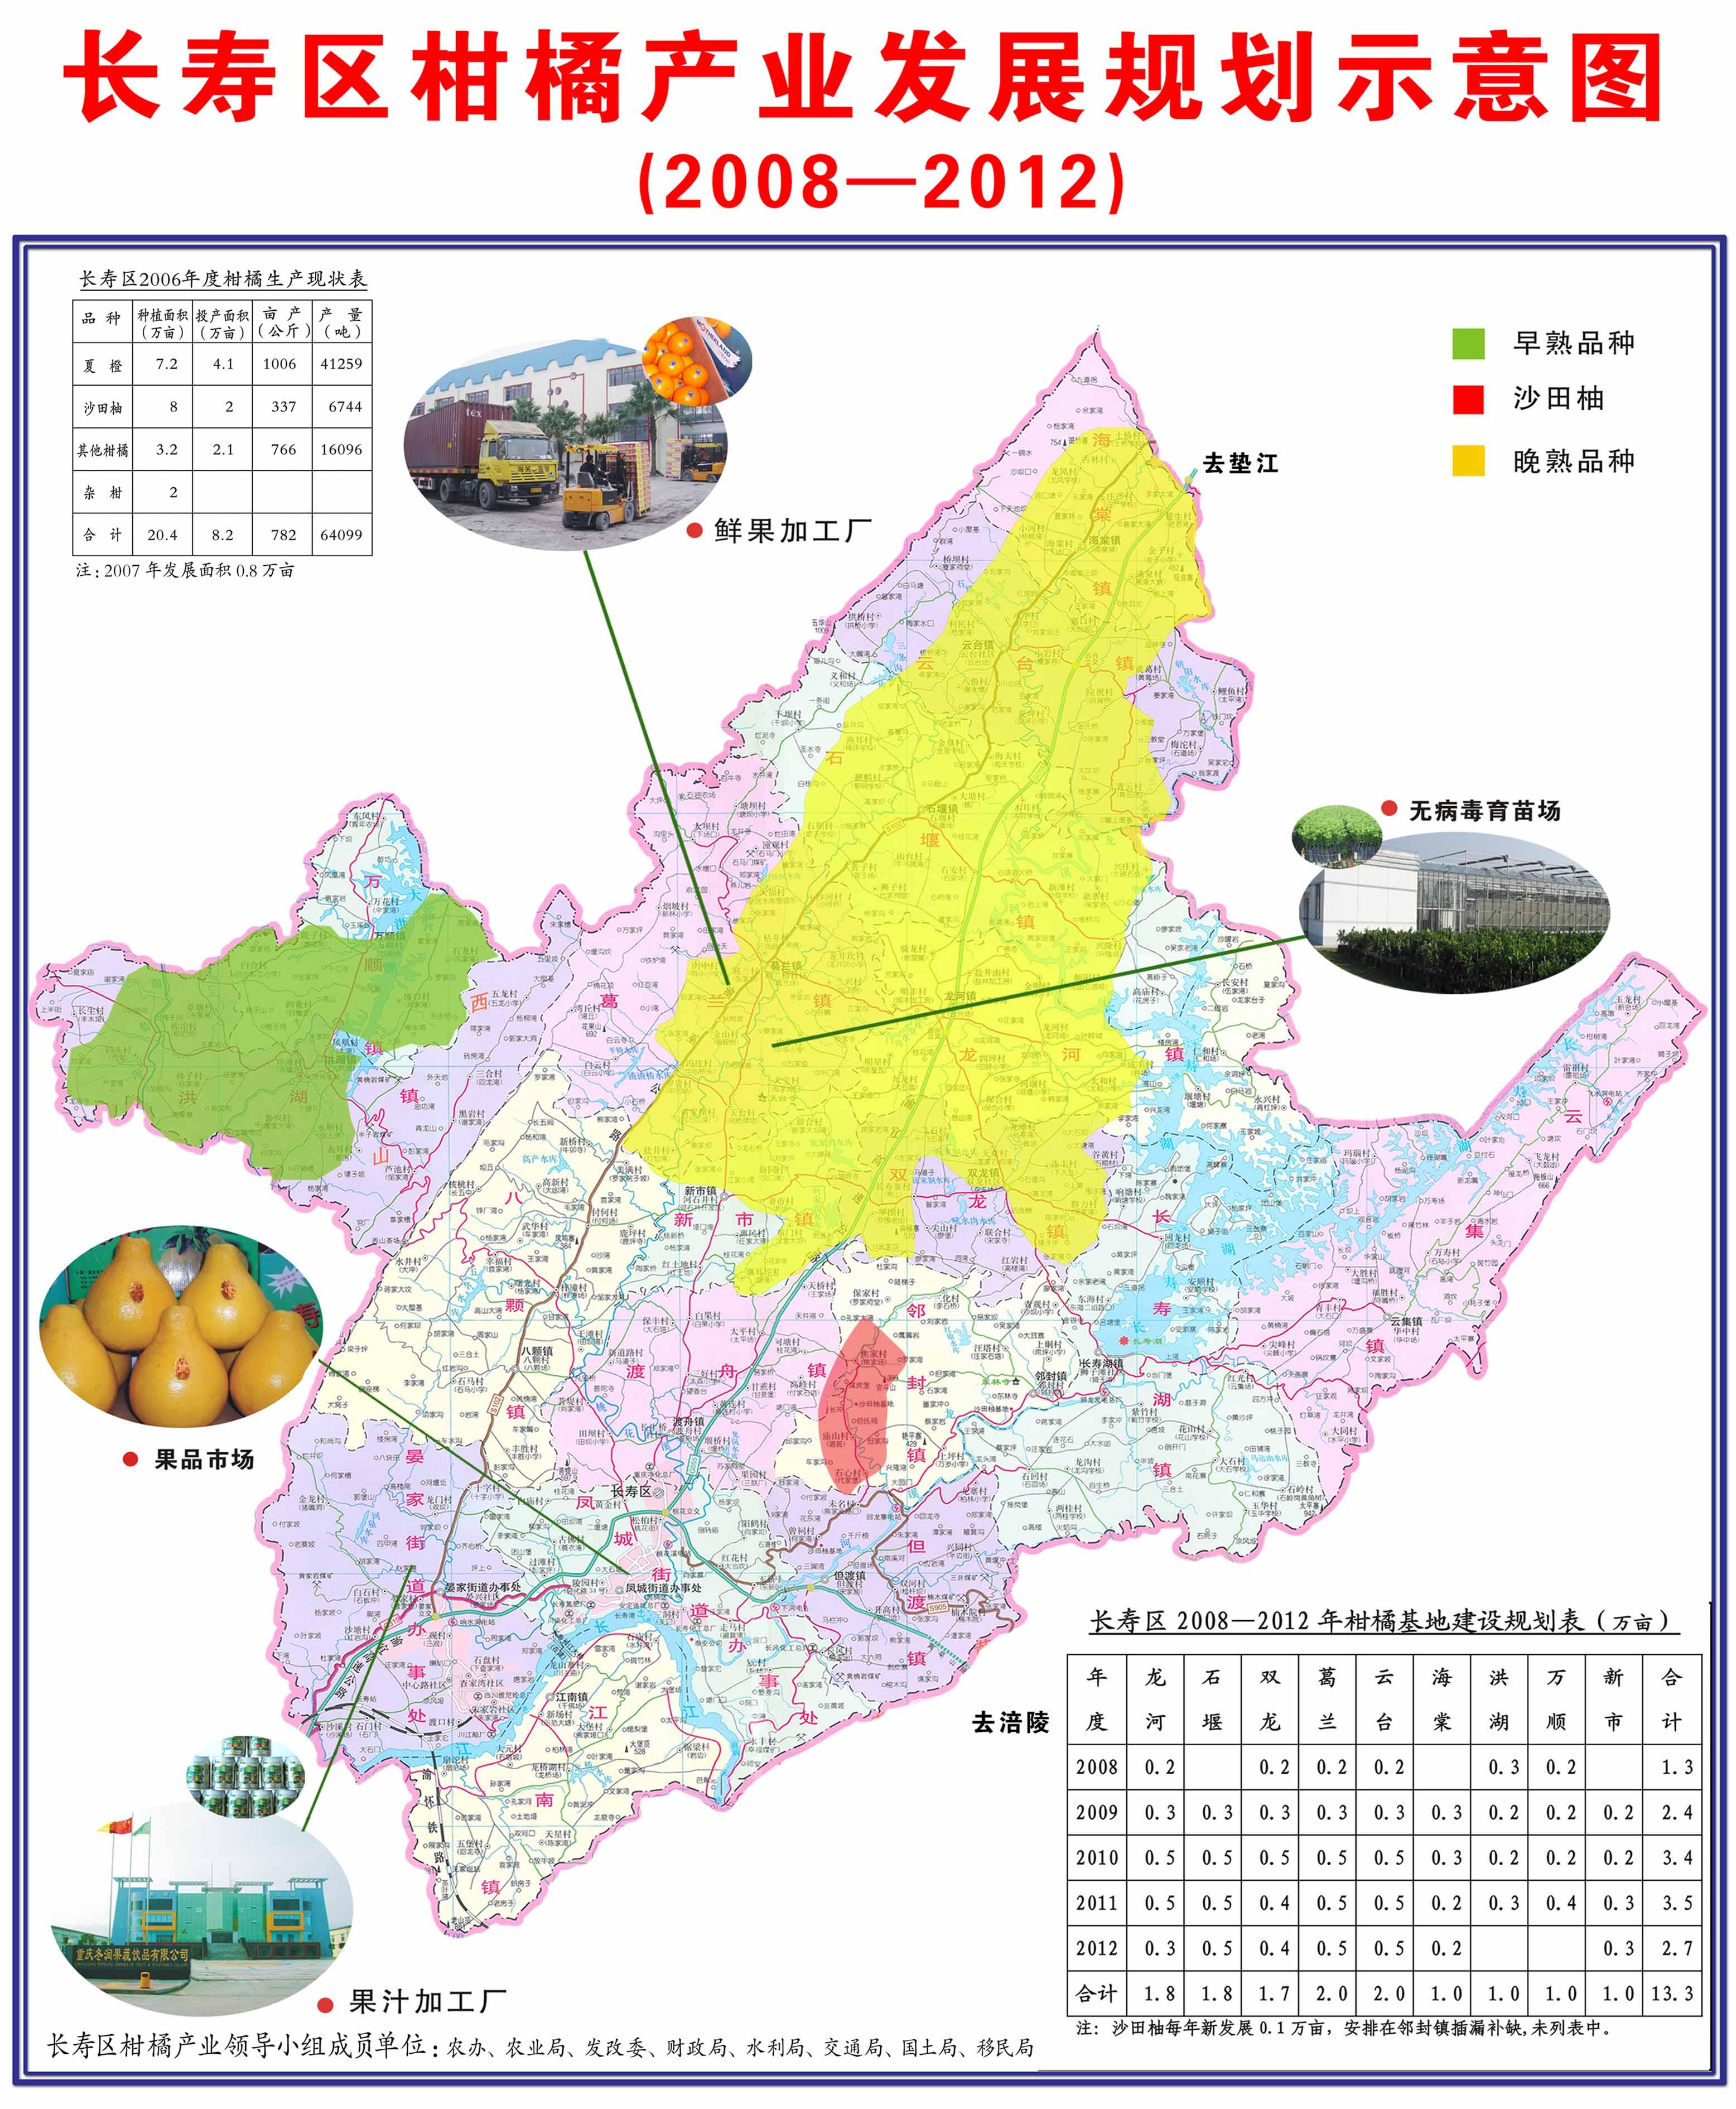 长寿区柑橘规划图(2008-2012)